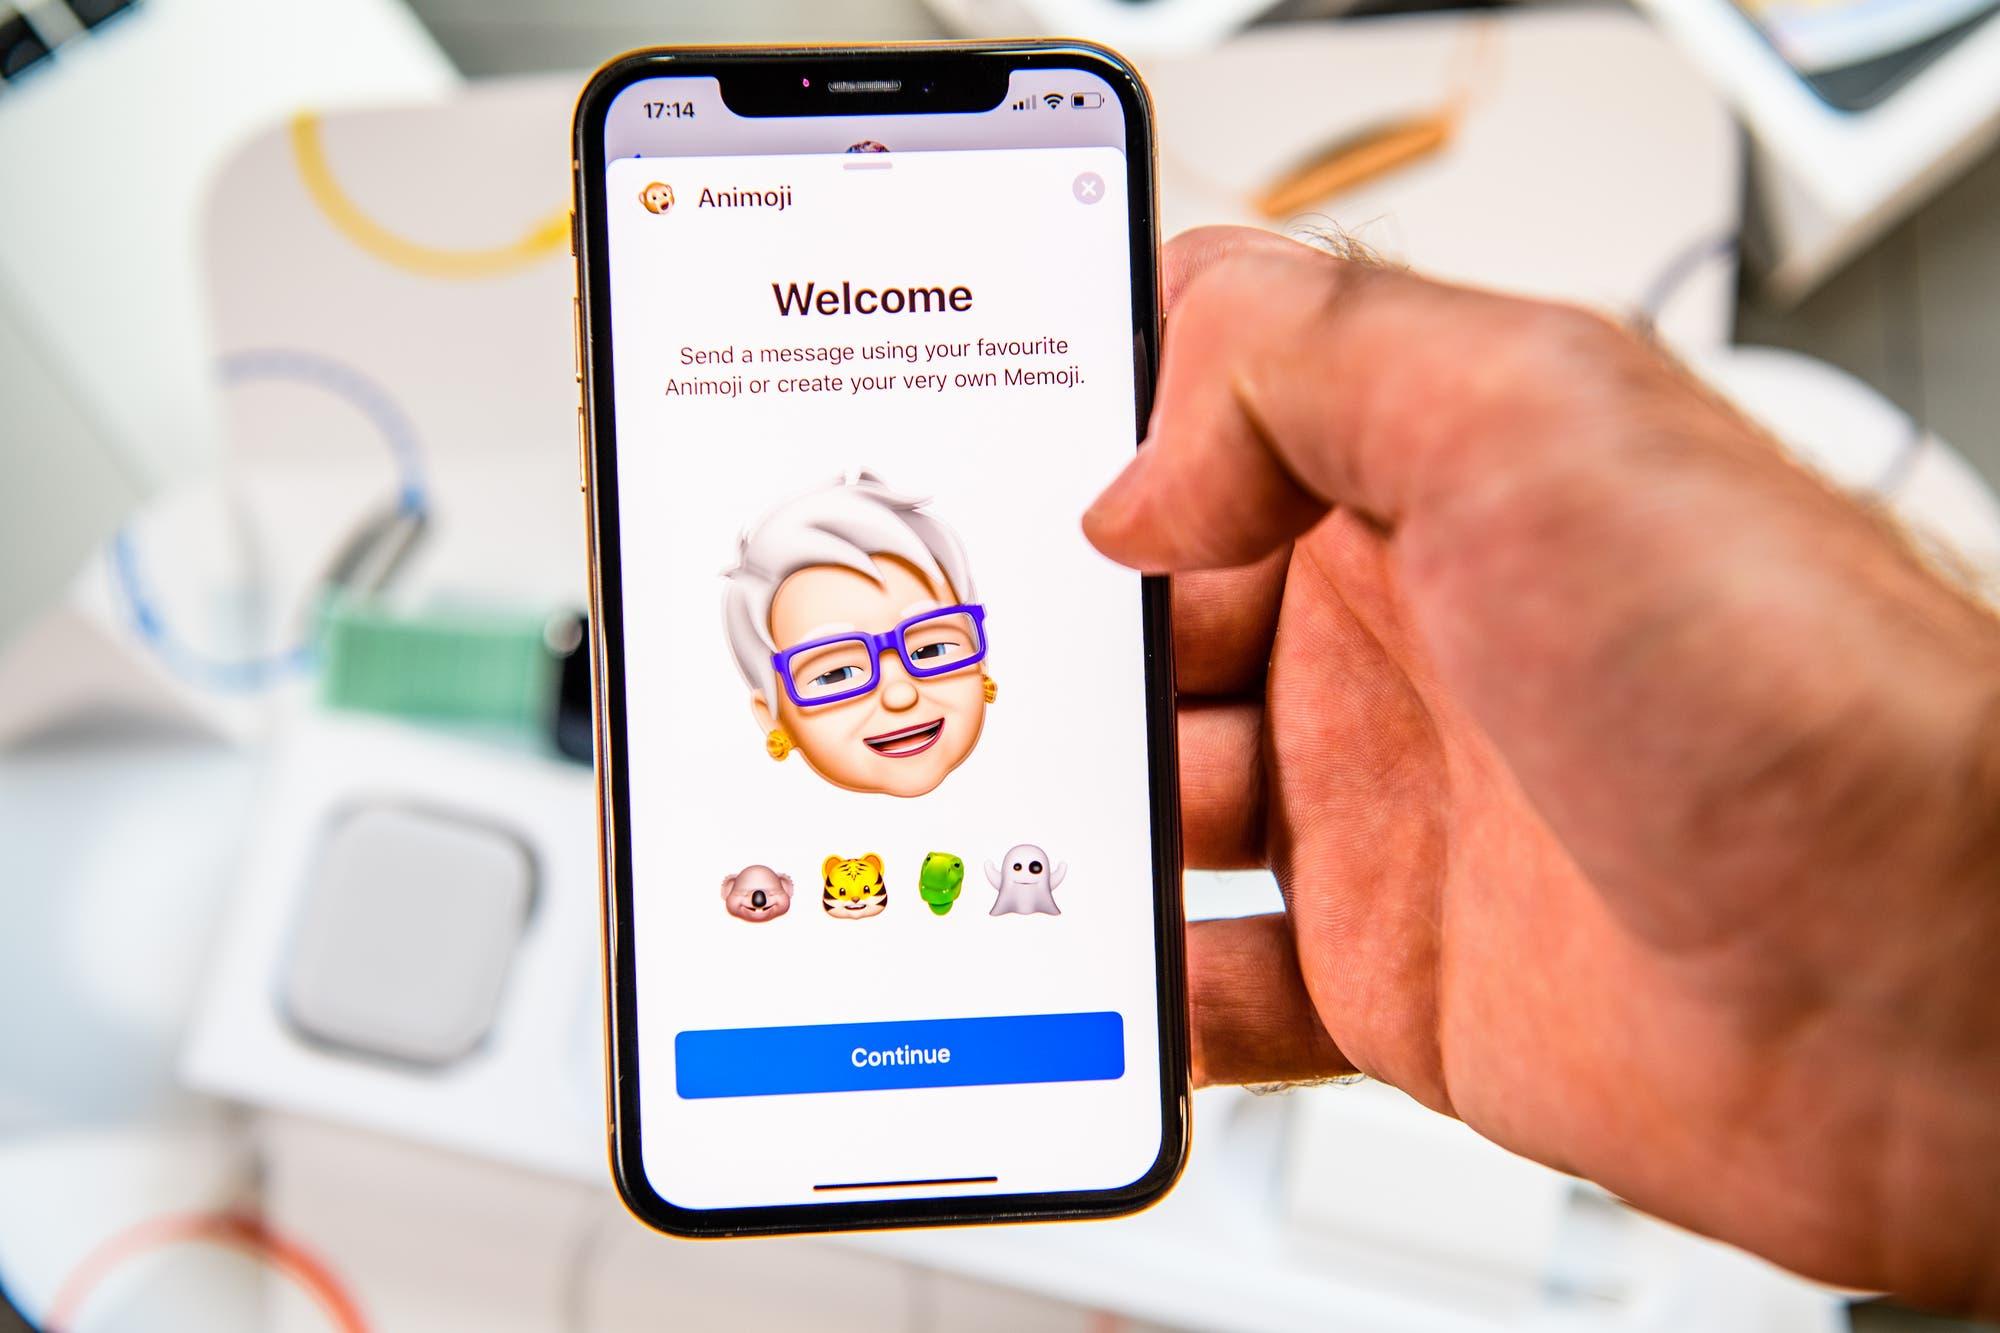 Apple planea lanzar una función para crear Memojis con una foto o una selfie